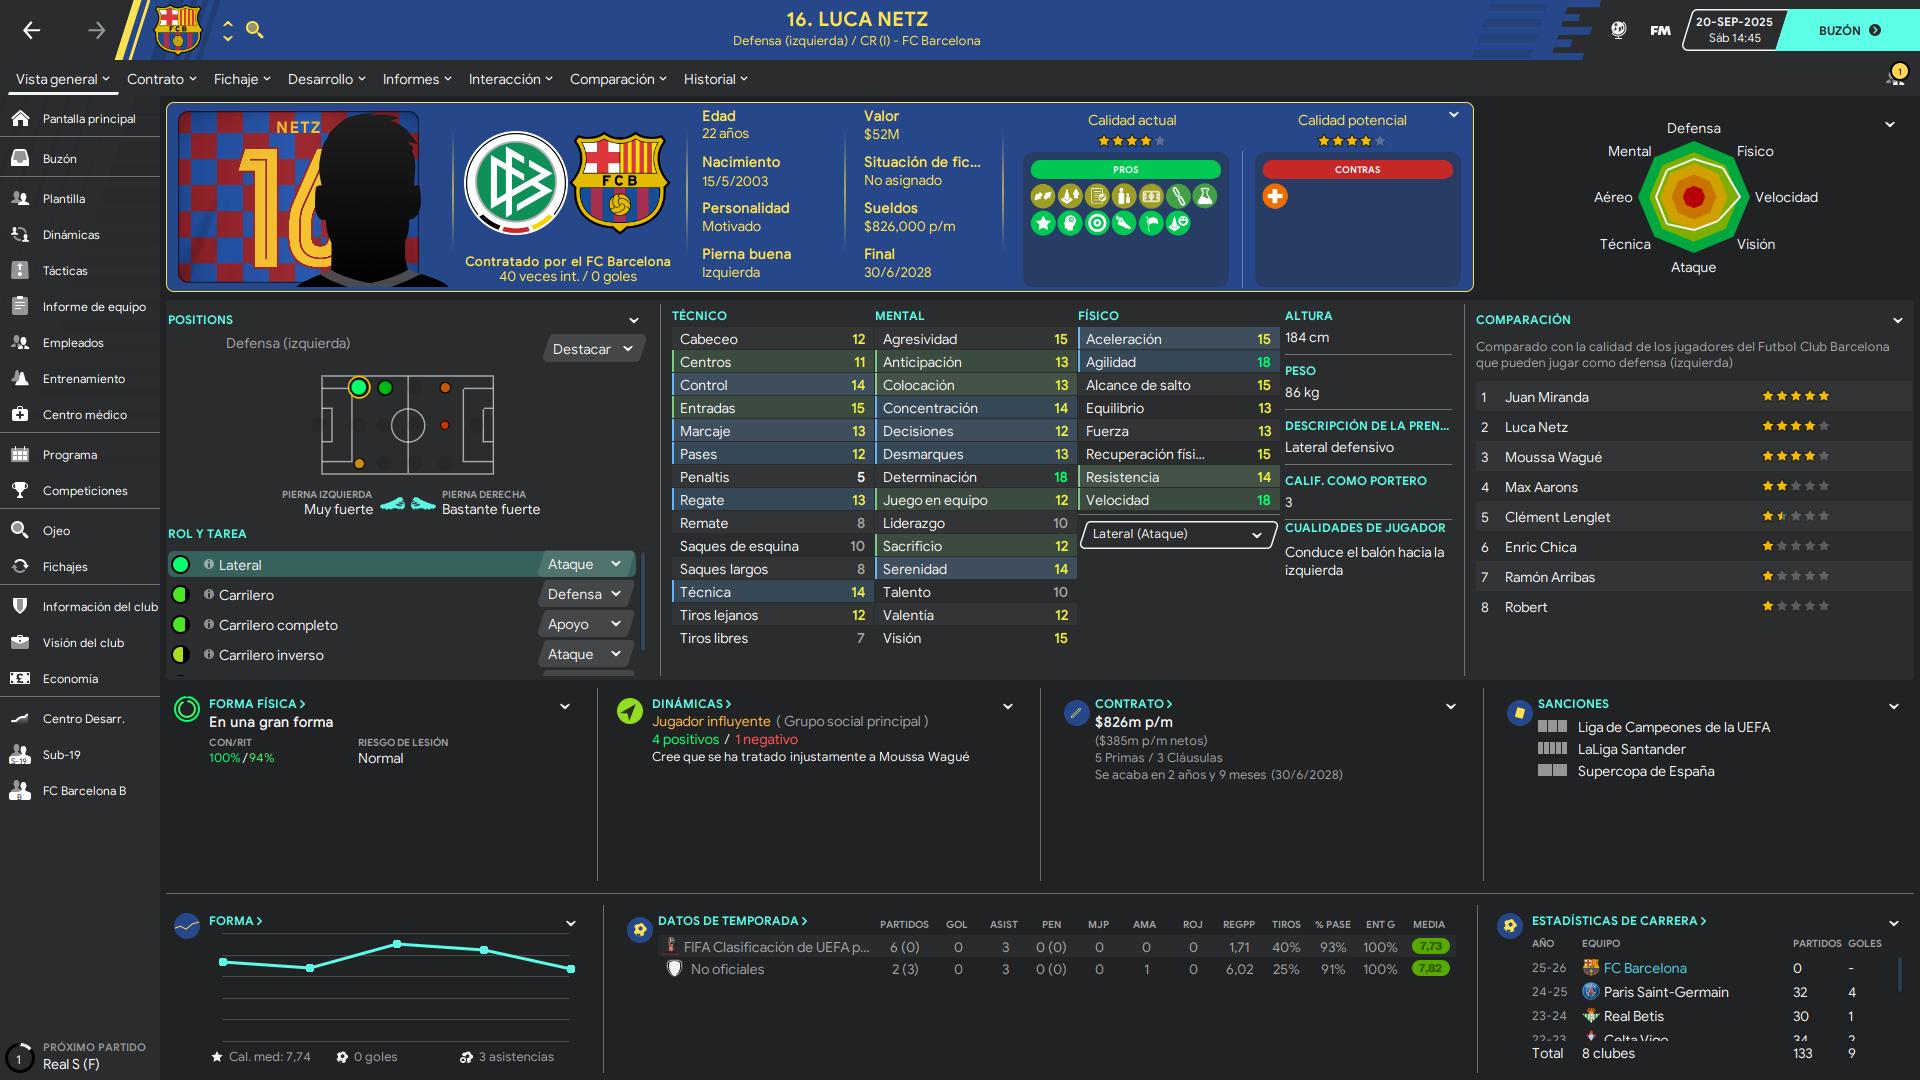 Football-Manager-2020-Screenshot-2020-09